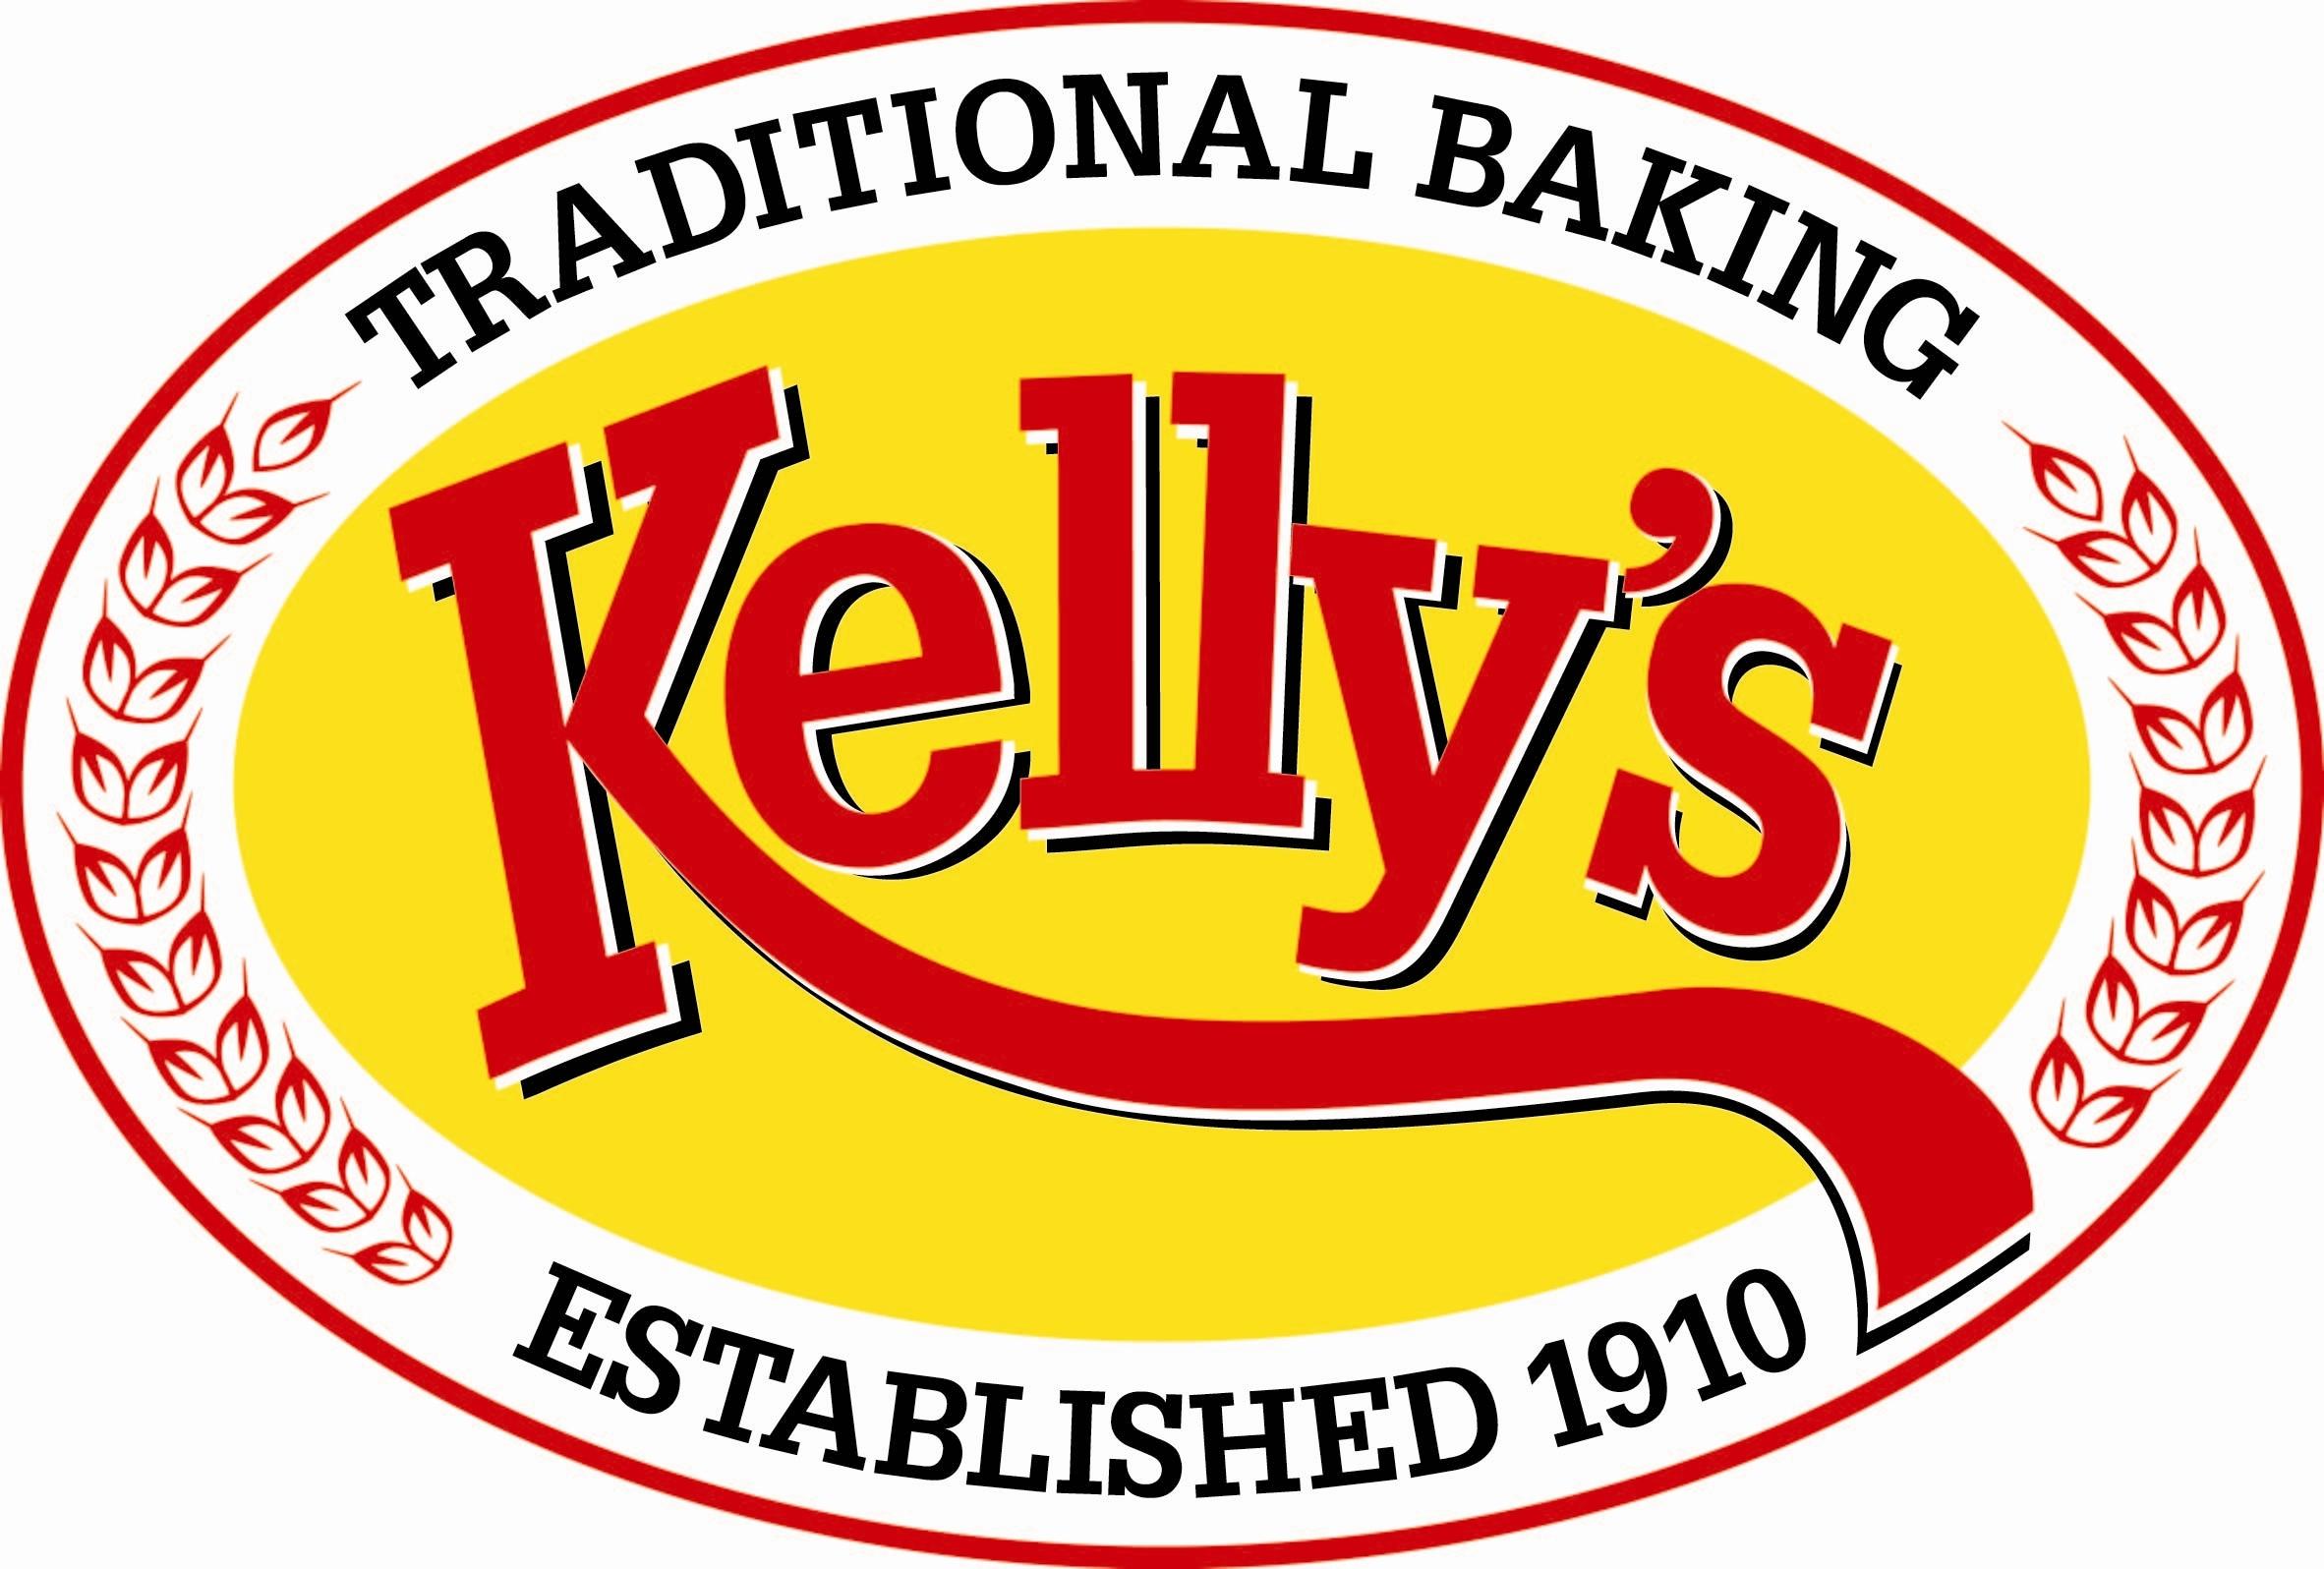 Image of Kelly's Bakery logotype